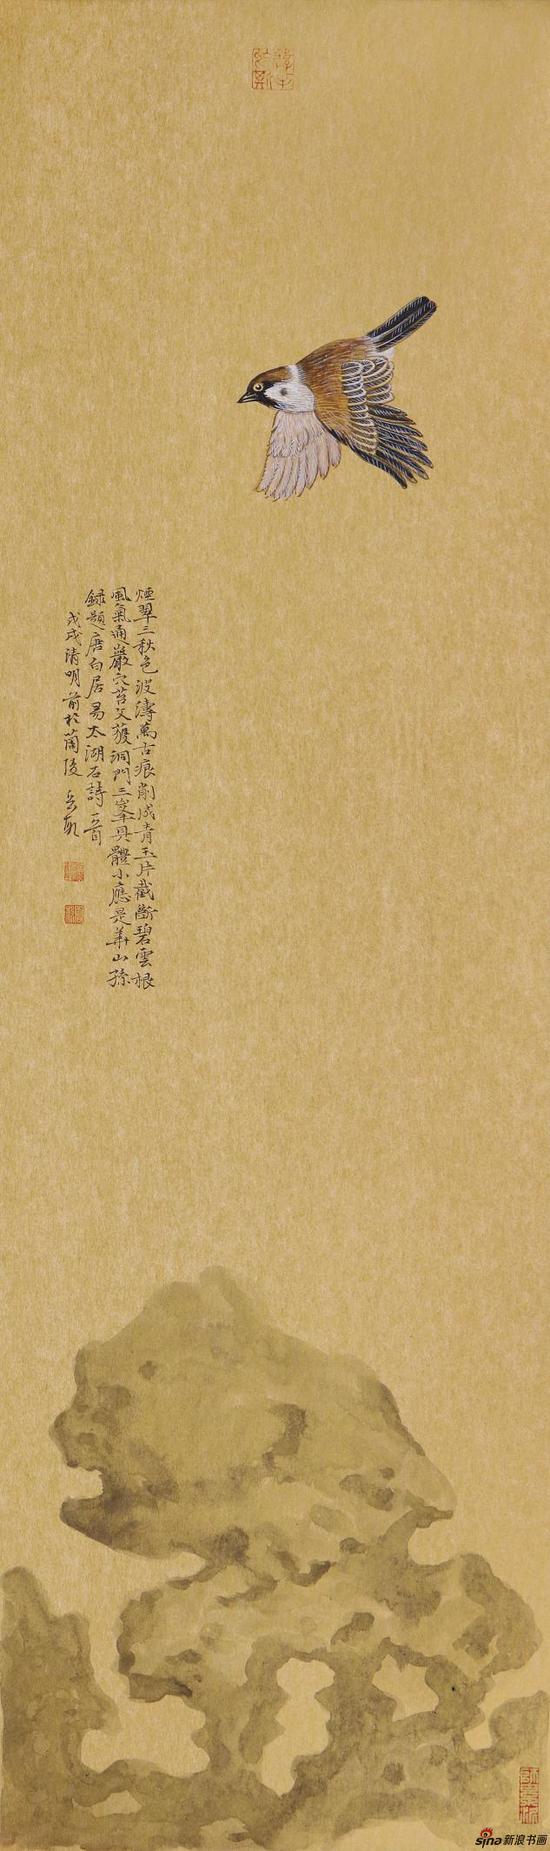 烟翠三秋色 100cm×30cm 2018